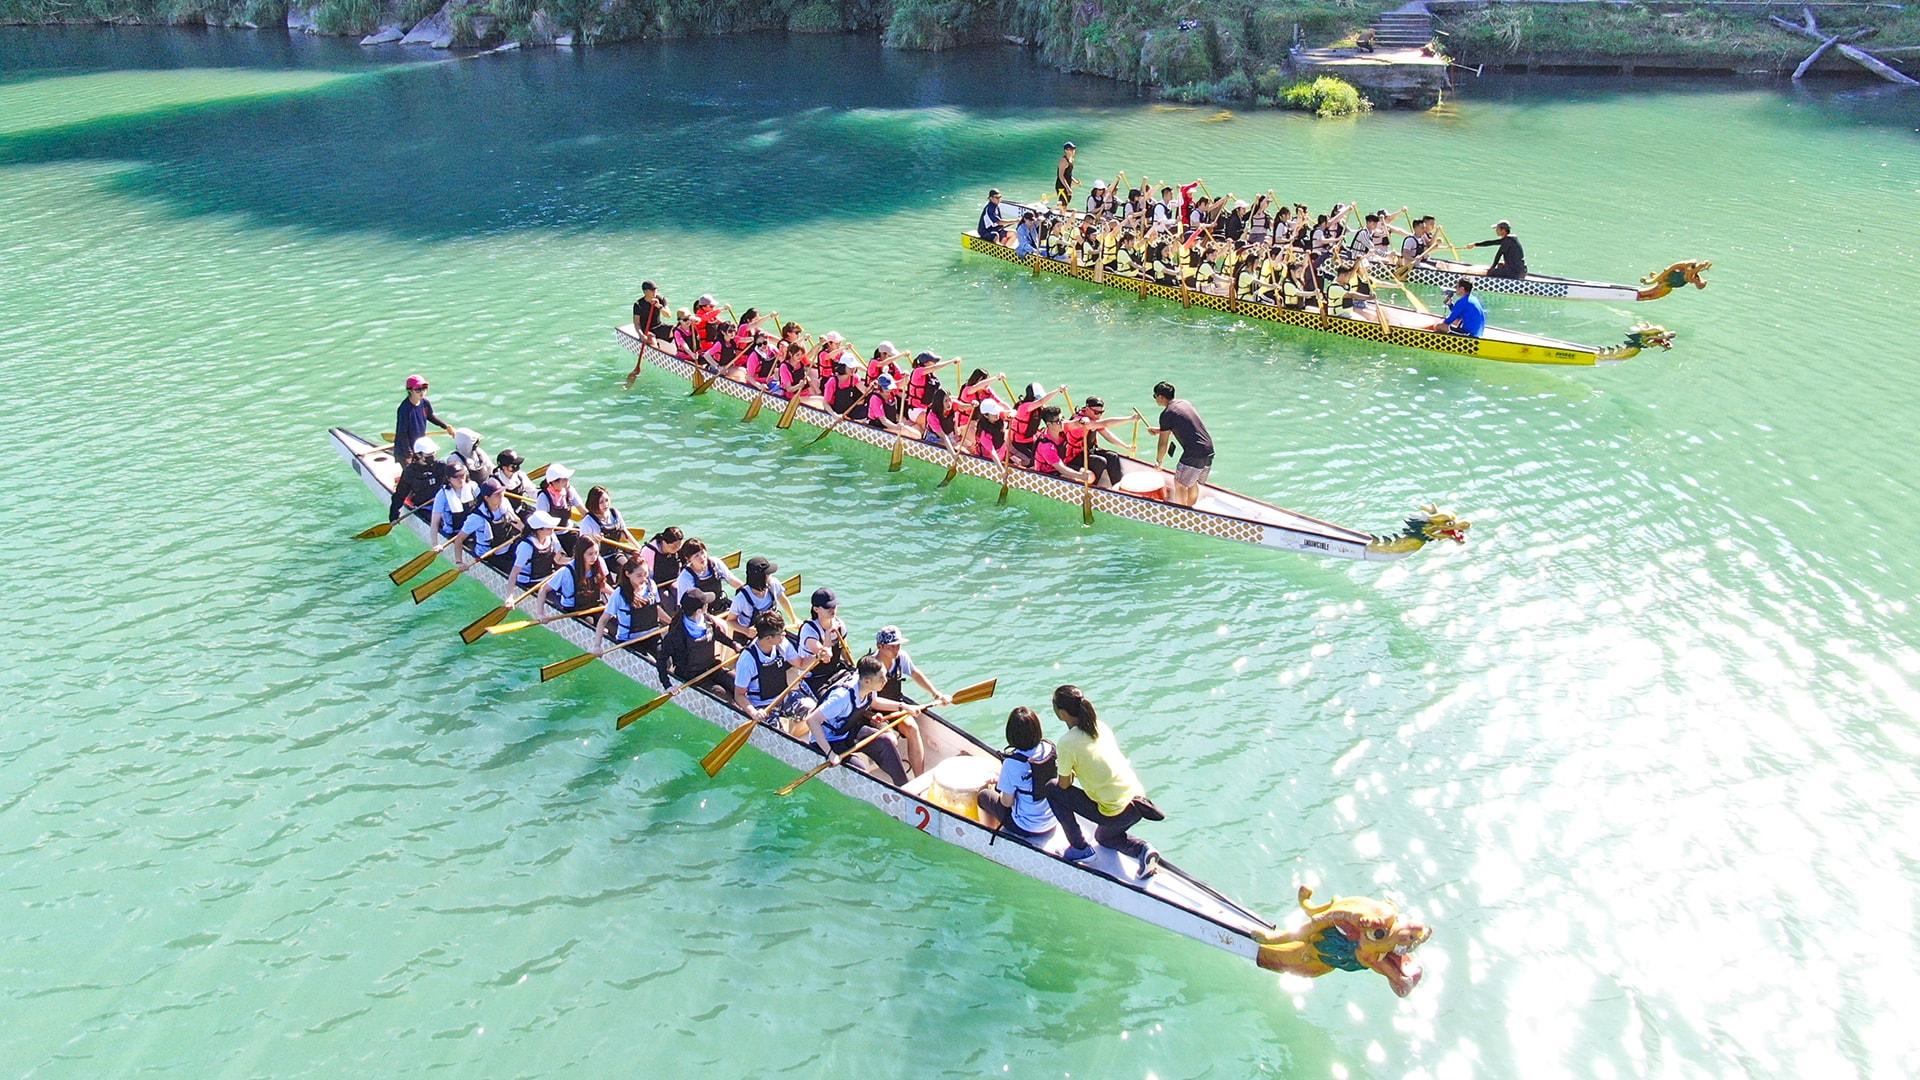 划龍舟 – 划出團隊革命情感